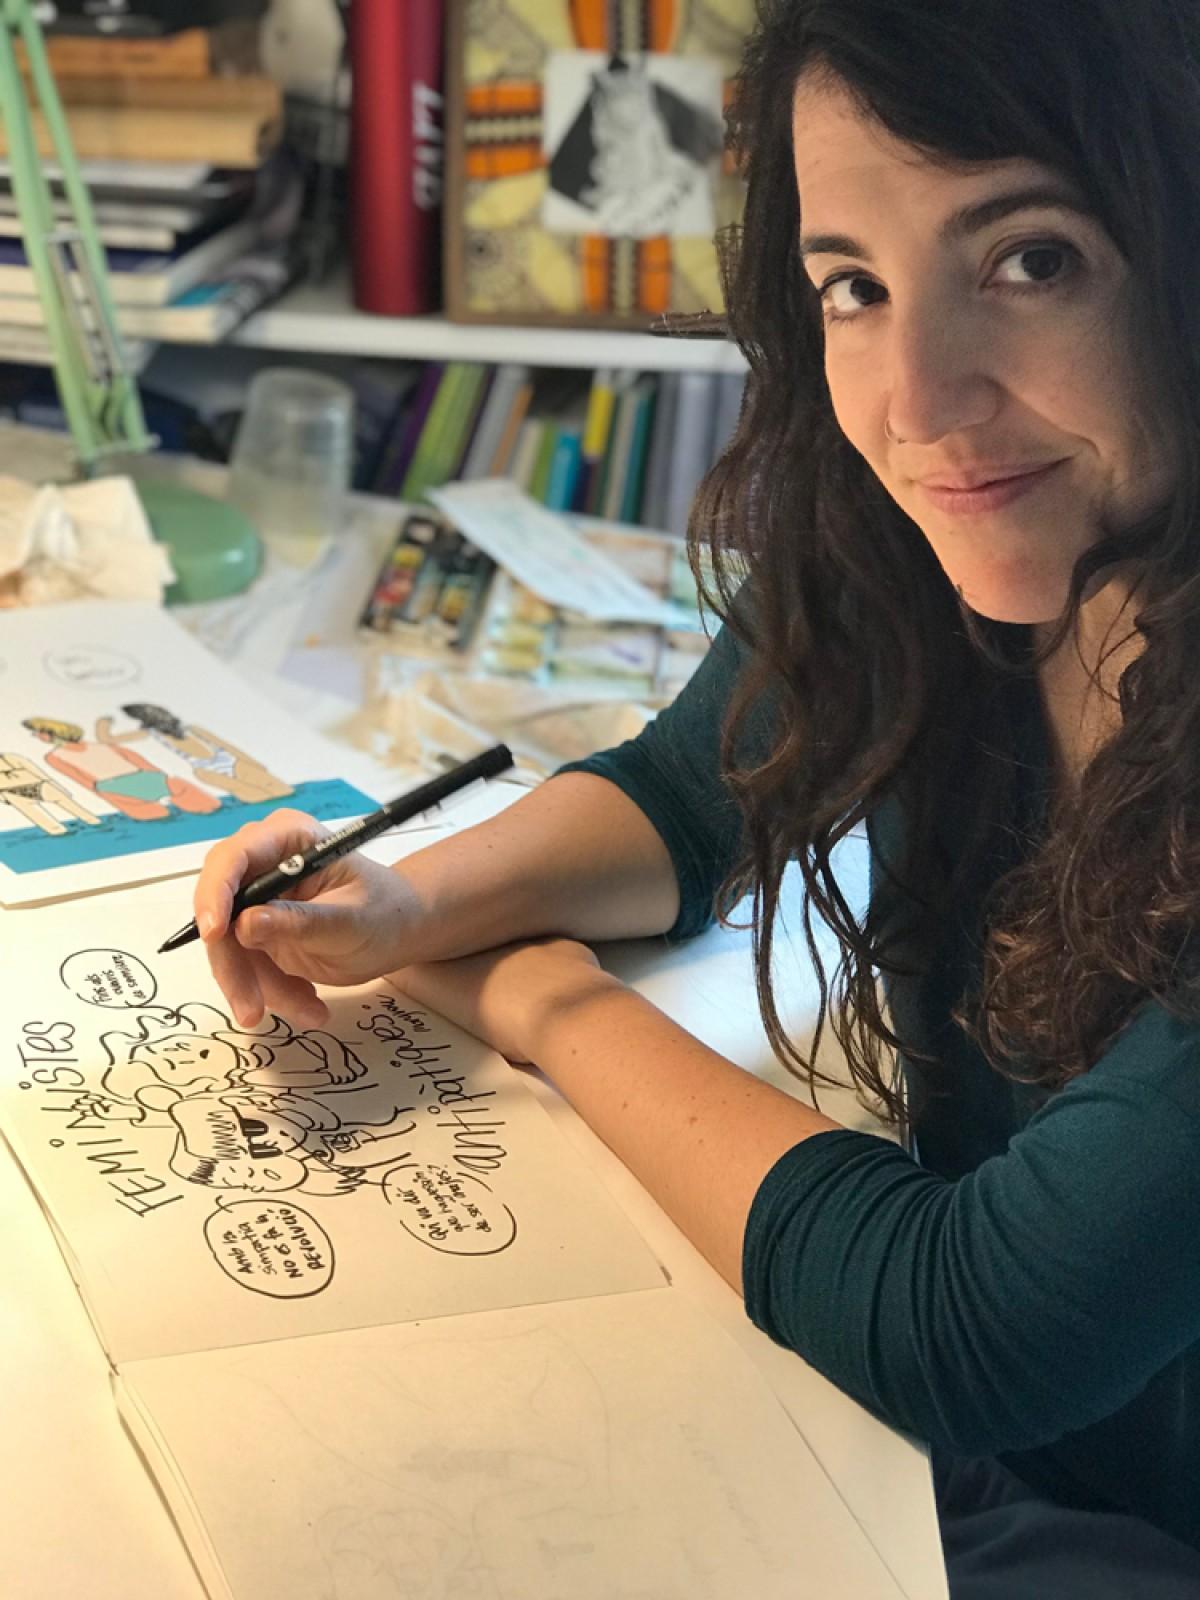 Maria Saladich és cirurgiana a l'Hospital General de Vic, però és també il·lustradora. En ple confinament per la crisi del coronavirus enceta una col·laboració amb Setembre